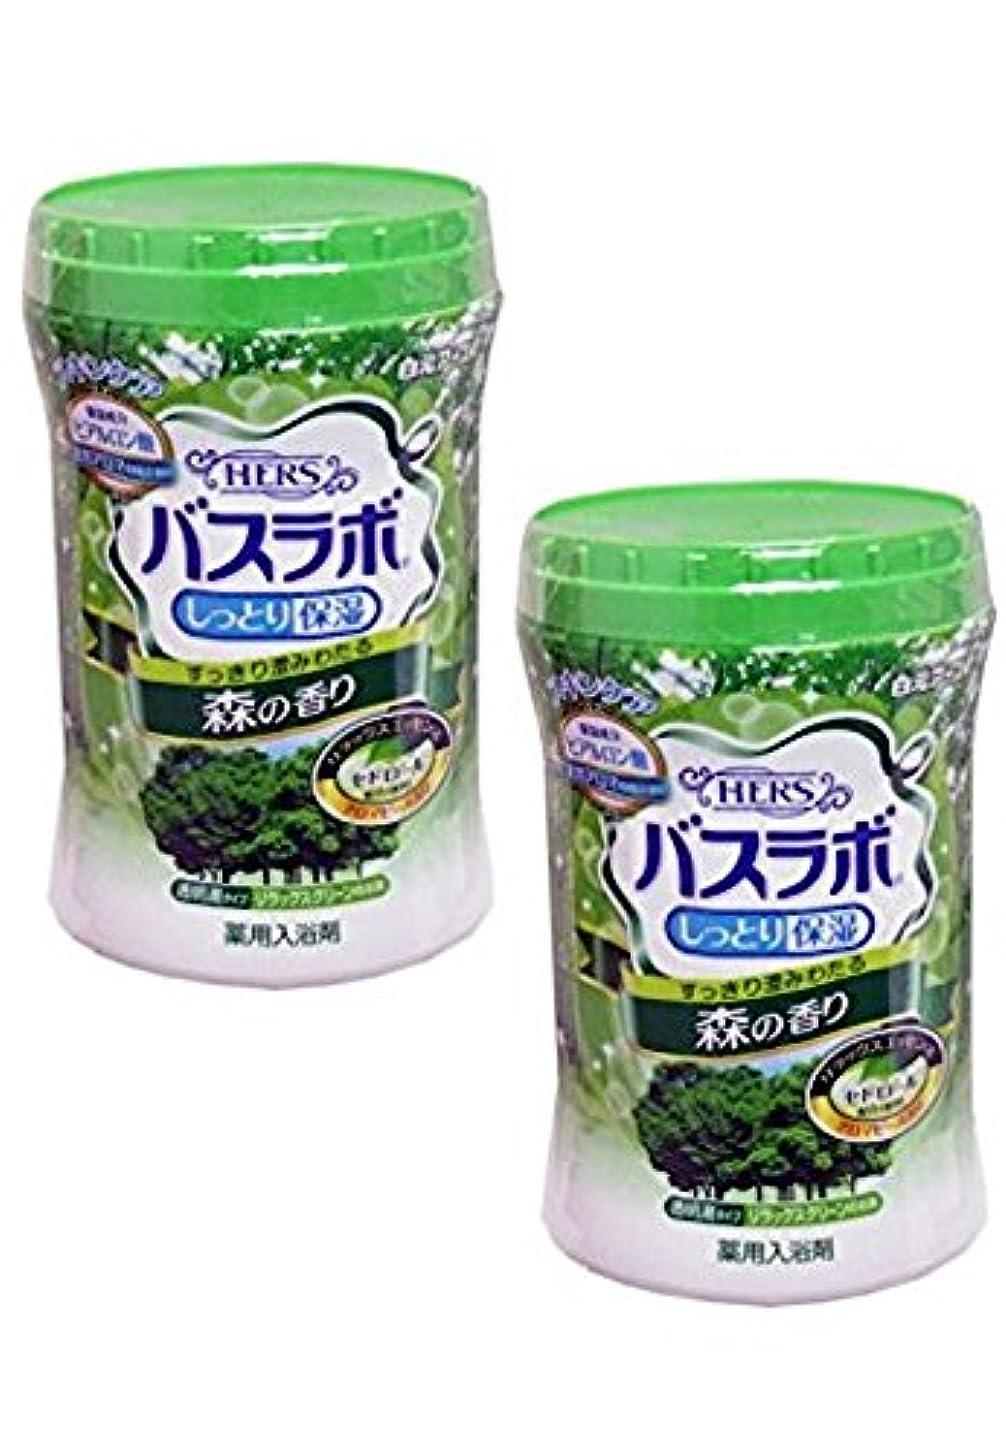 クモ内部定期的なバスラボ しっとり保湿 薬用入浴剤 森の香り 680g 2個 [並行輸入品]